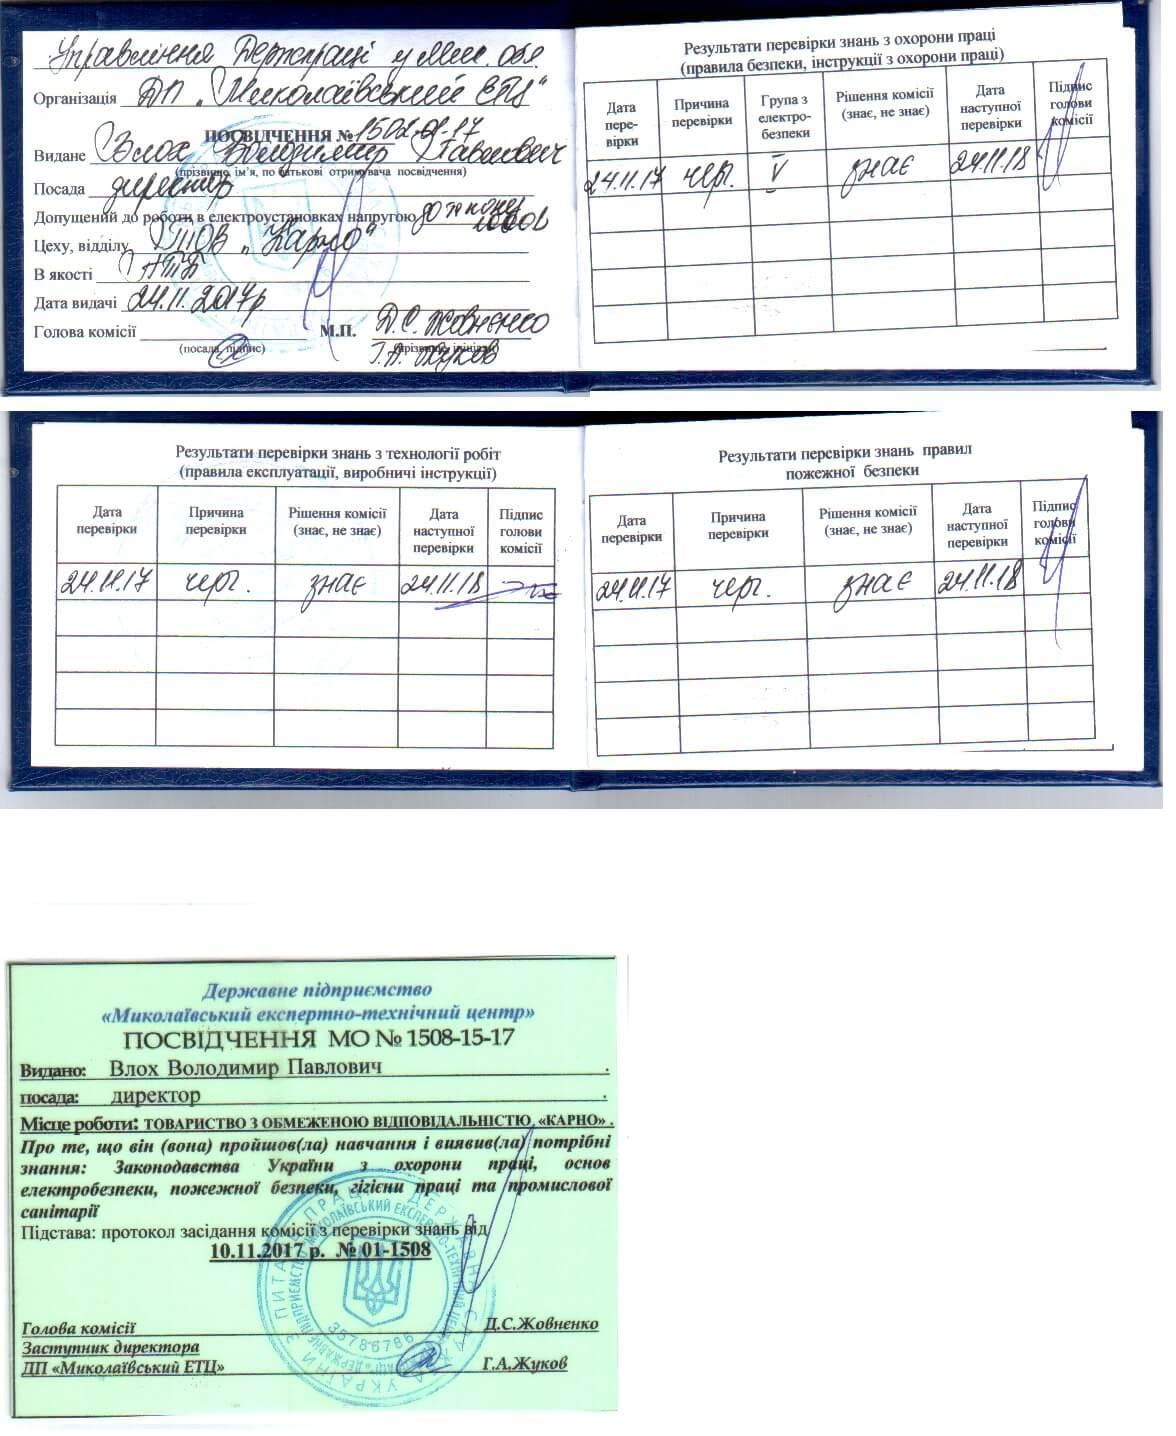 допуск по электробезопасности и удостоверение по охране труда